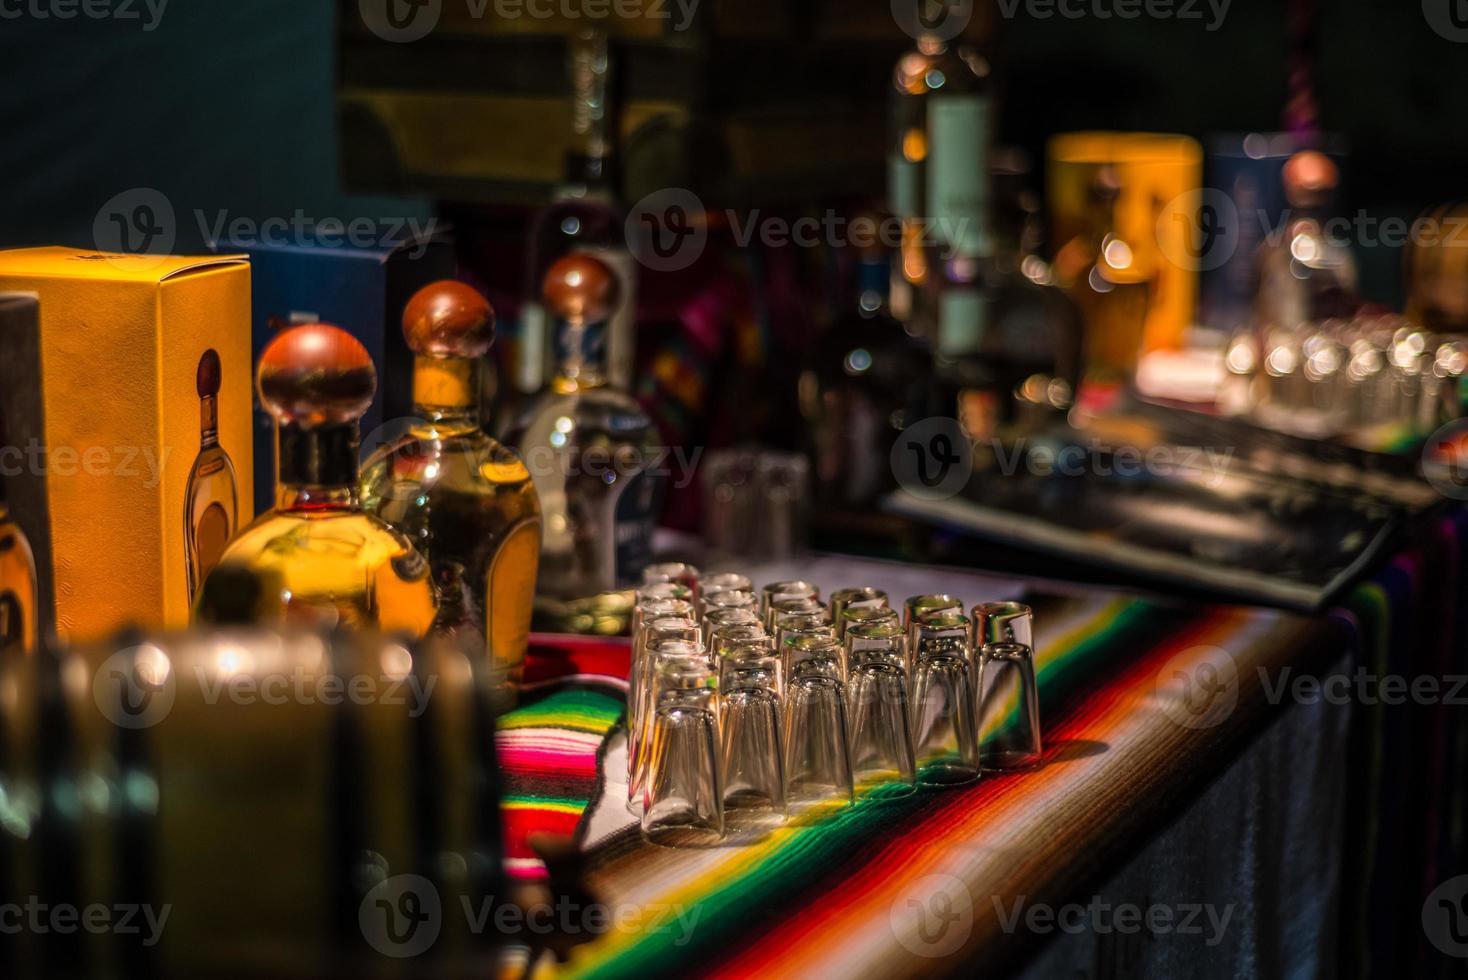 evento di tequila in messico. degustazione di mezcal e tequila. foto